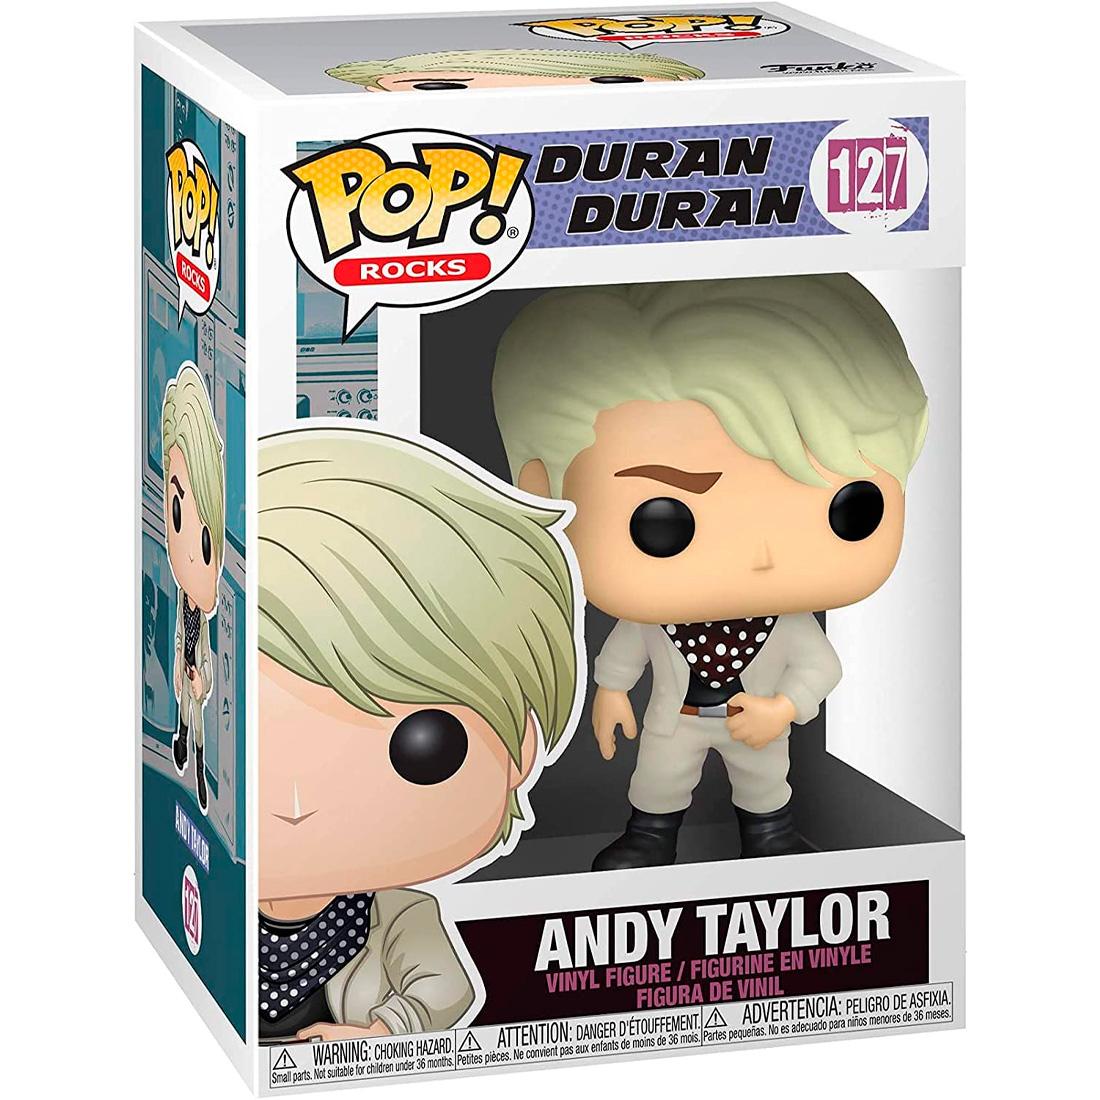 Funko Pop Rocks Duran Duran 127 Andy Taylor